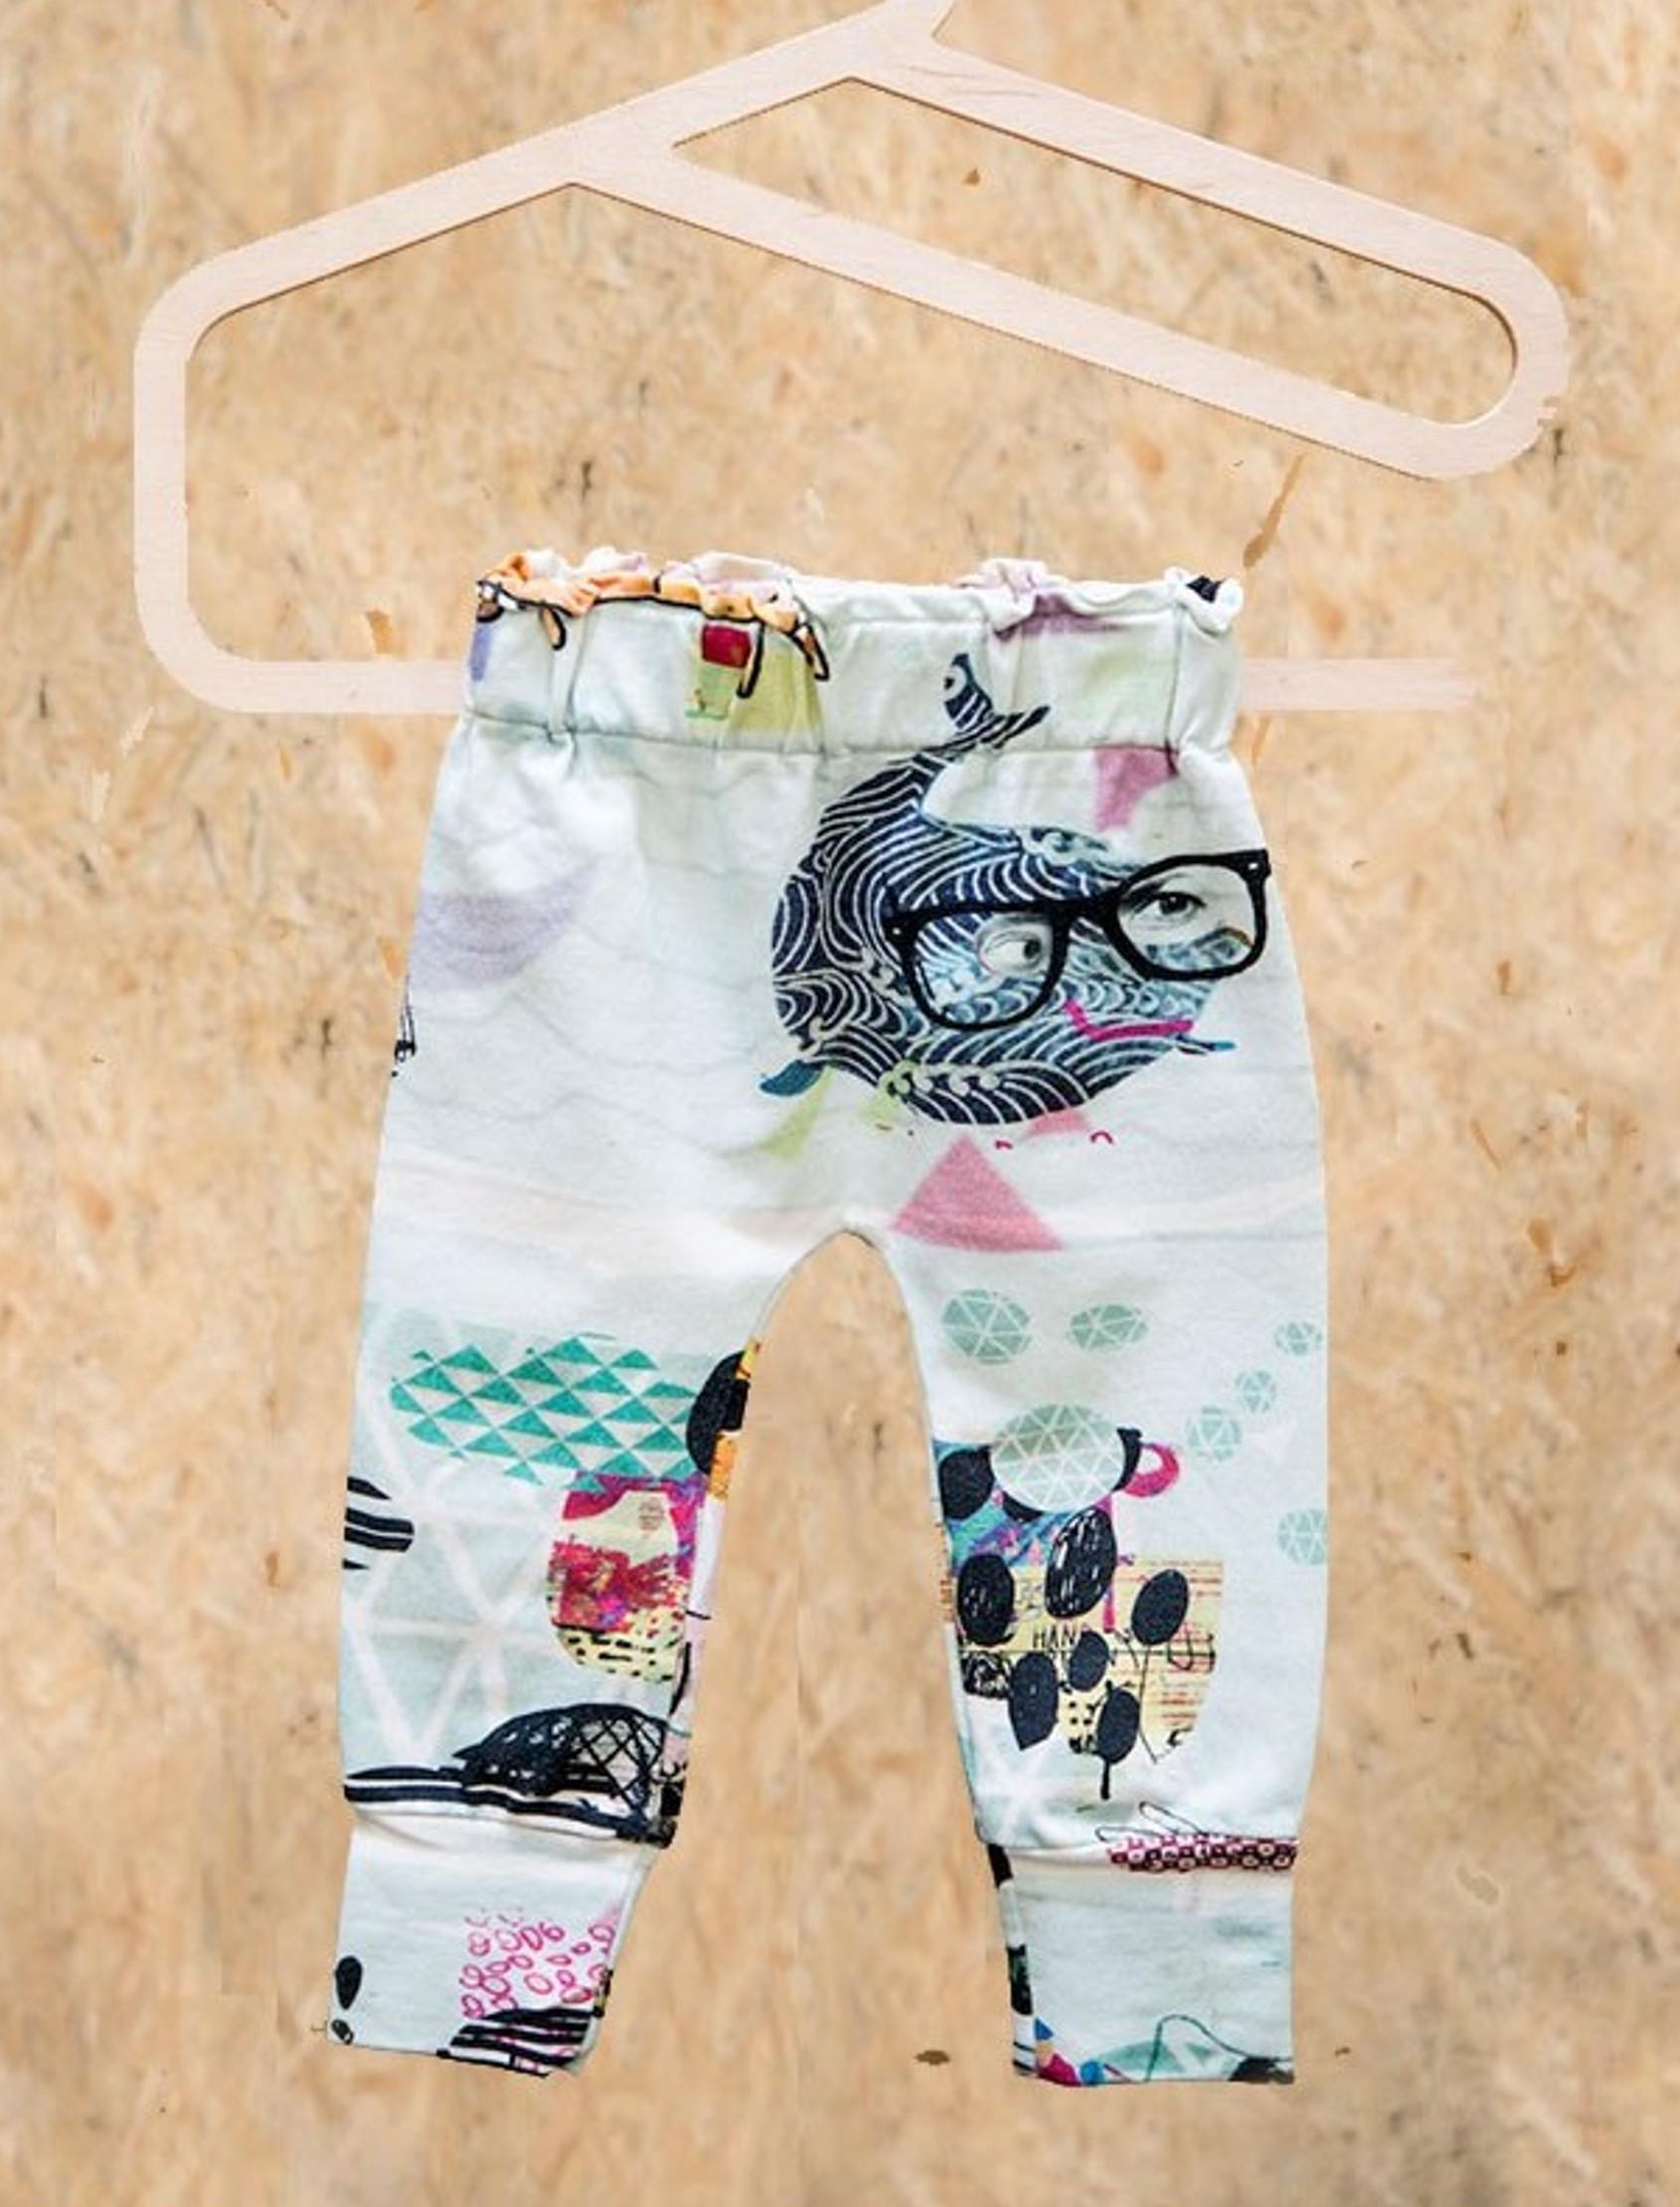 """Pantalón de bebé con estampado""""Océano,ilustración exclusiva hecha a mano por MILENA&MILENKAmediante técnica de estampación digital. ¡Muy suave y cómodo!"""